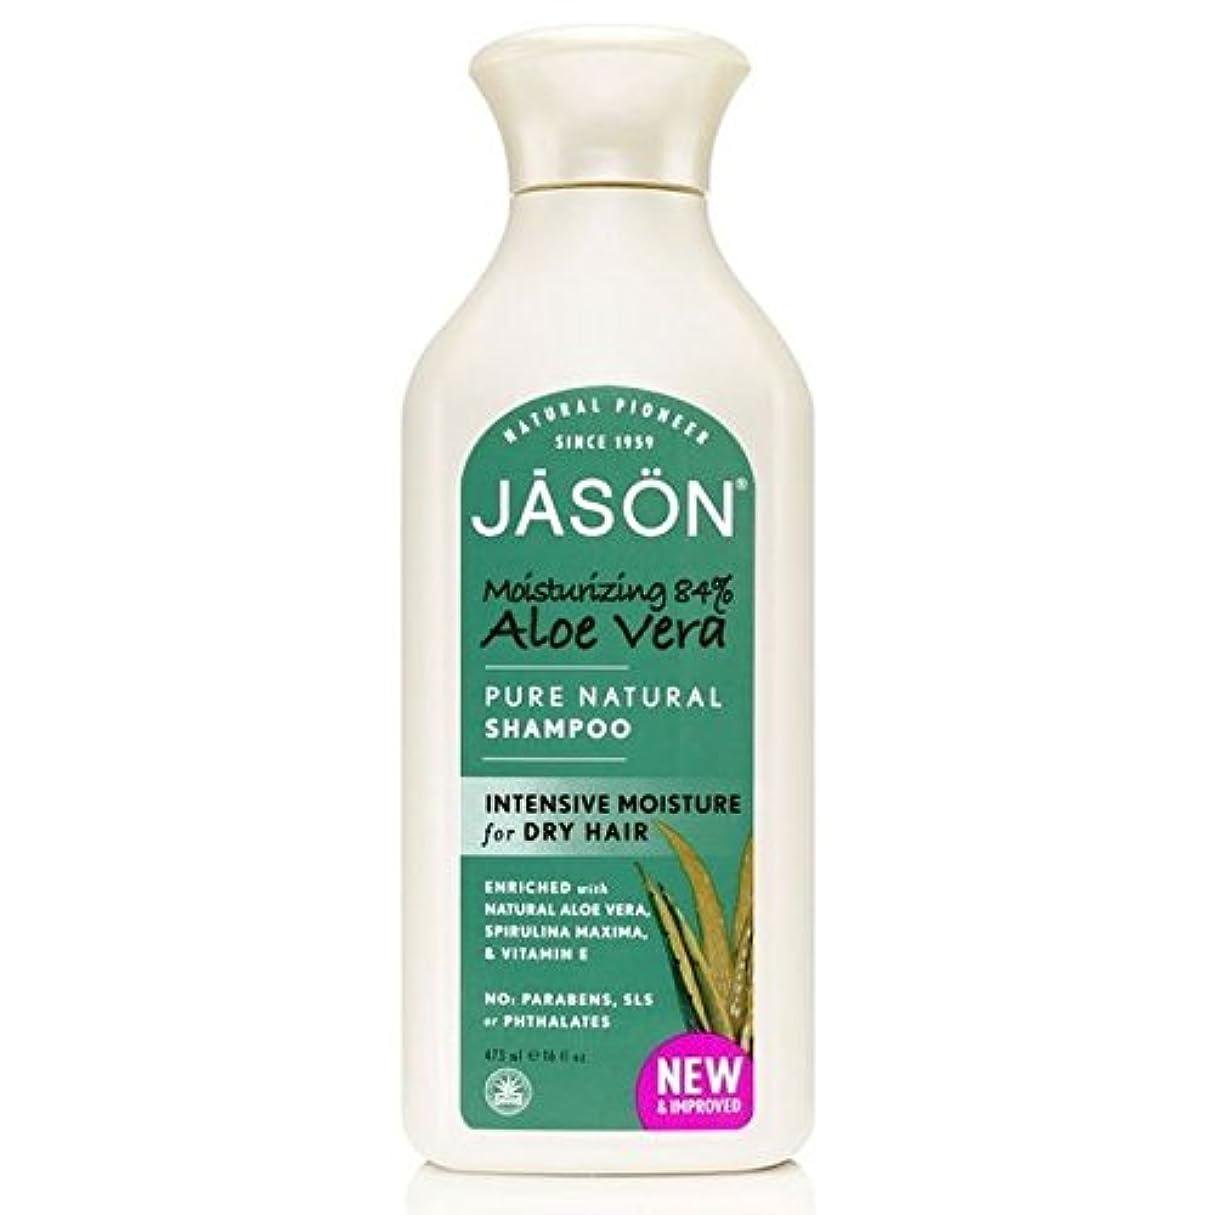 スナックいう布ジェイソンのアロエベラ84%の純粋な天然シャンプー475ミリリットル x2 - Jason Aloe Vera 84% Pure Natural Shampoo 475ml (Pack of 2) [並行輸入品]